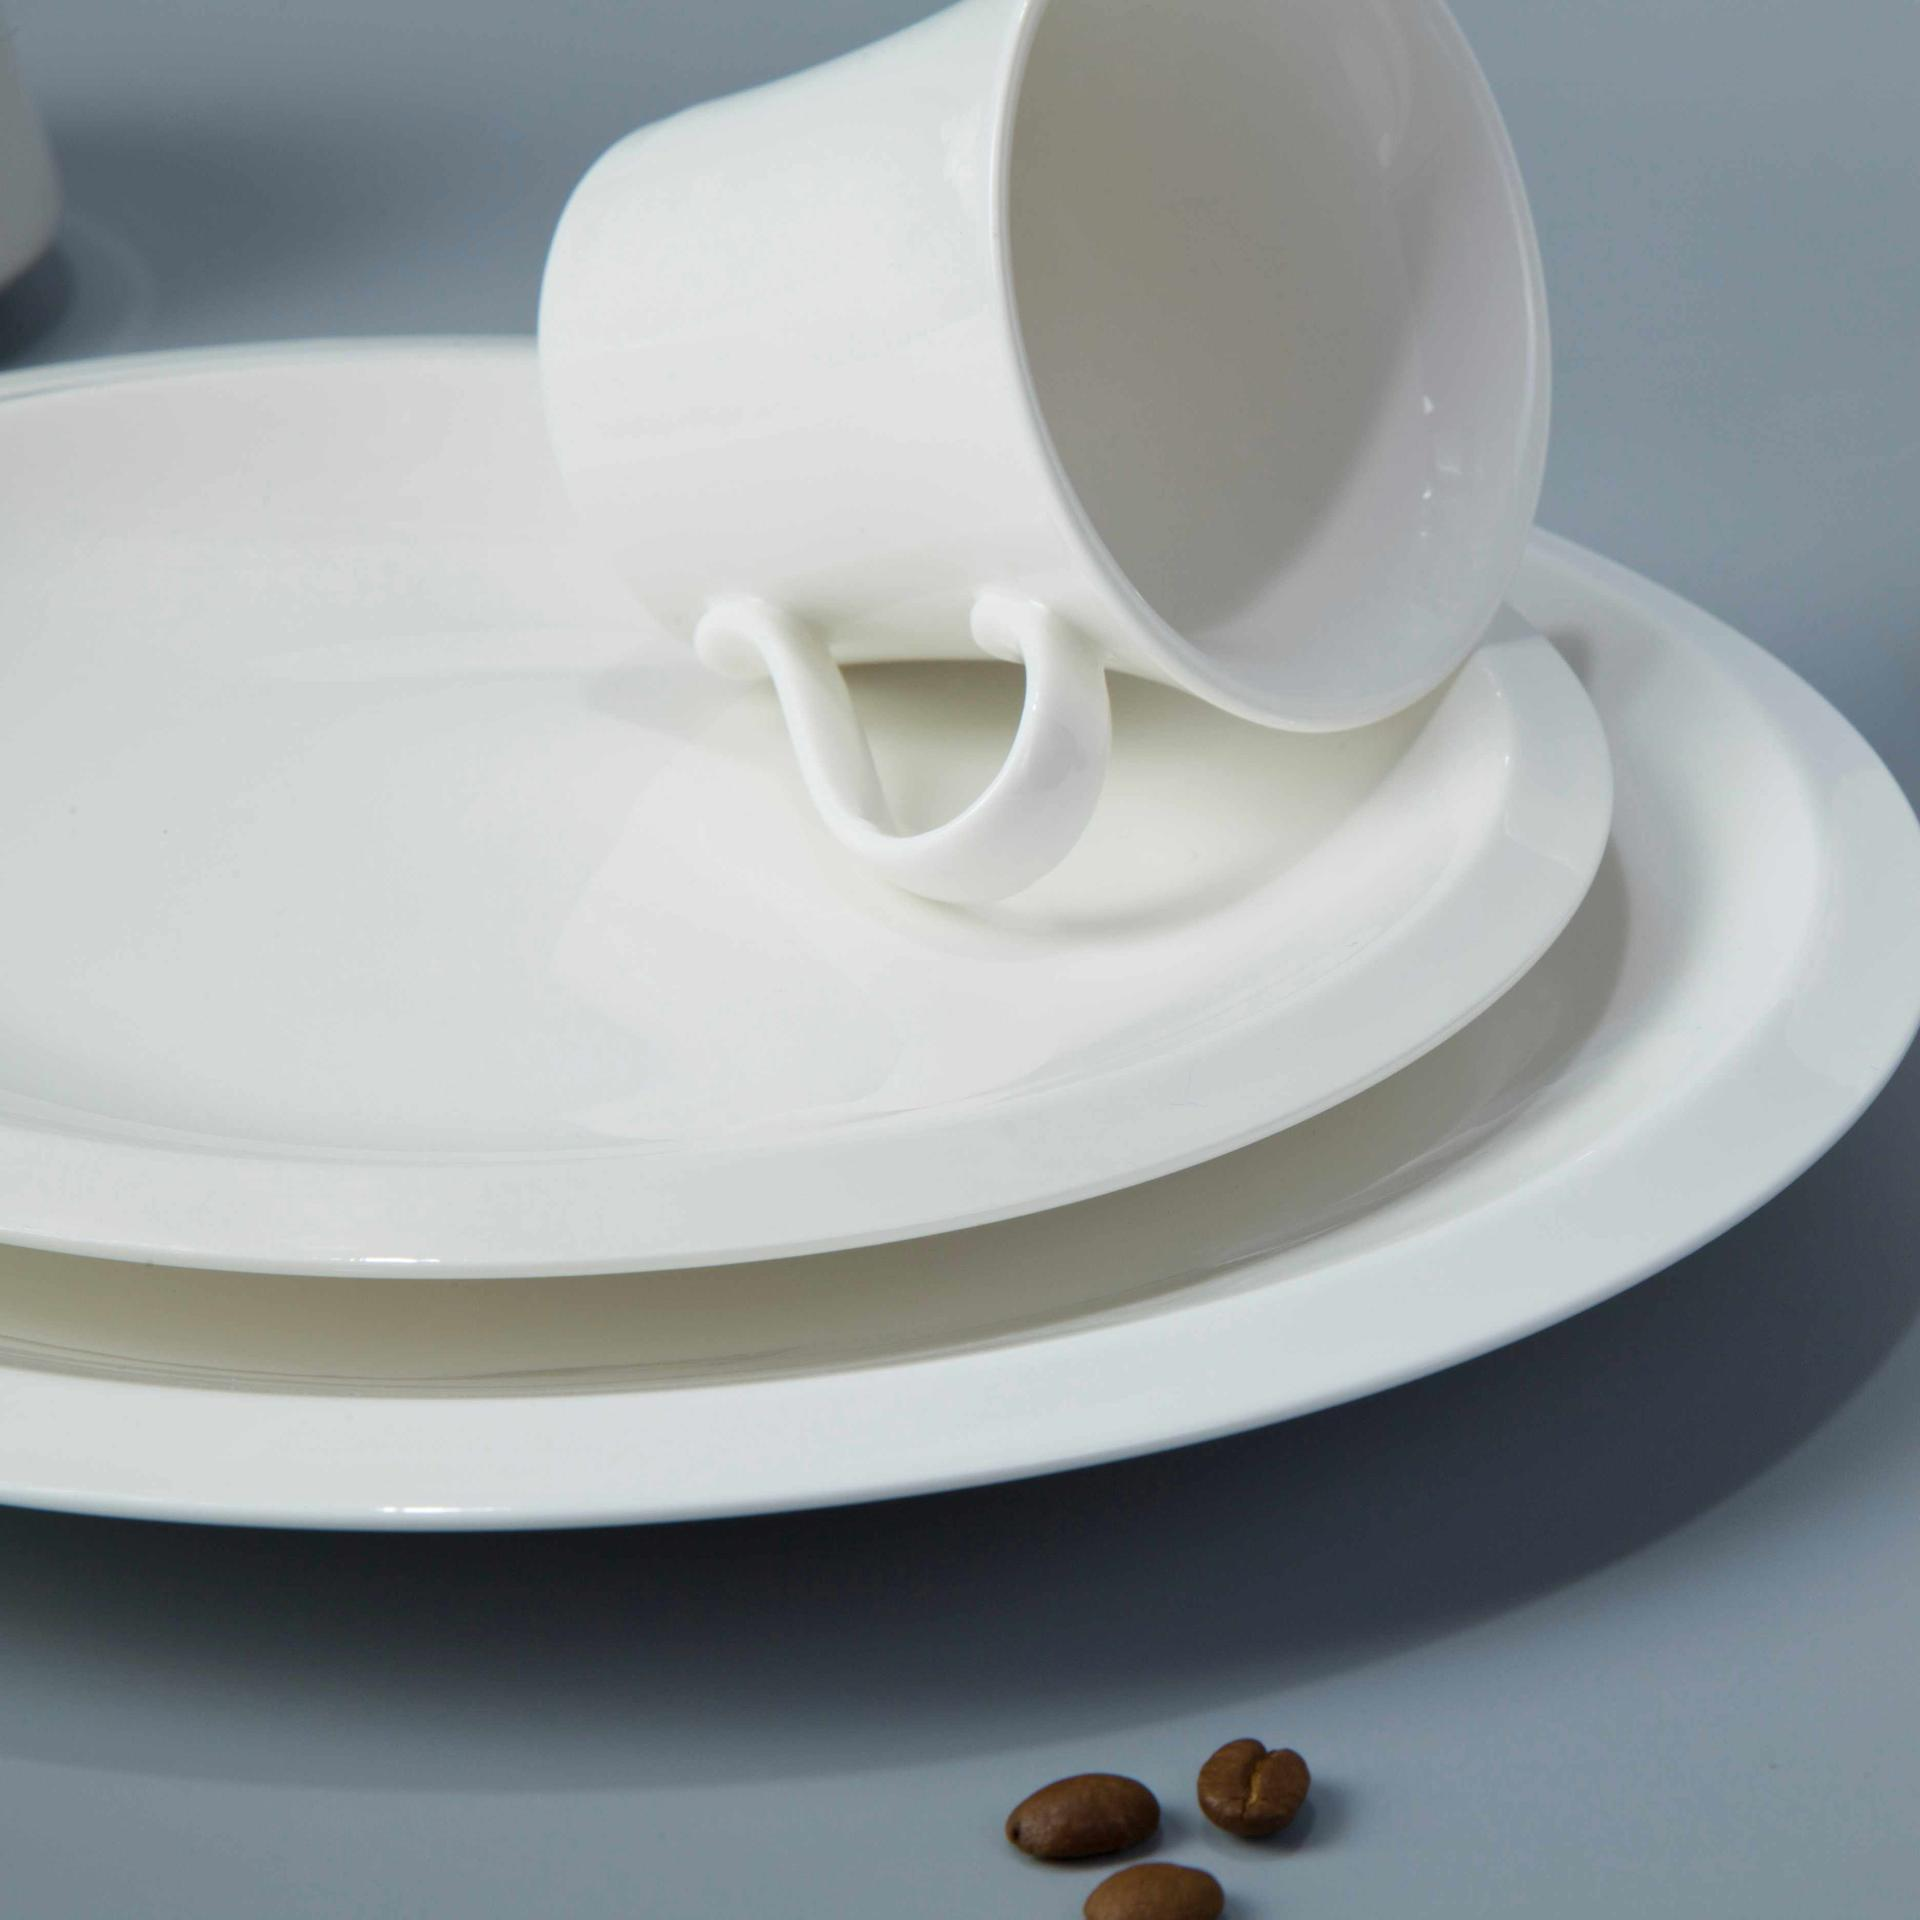 12 piece restaurant contemporary white dinnerware - TW23